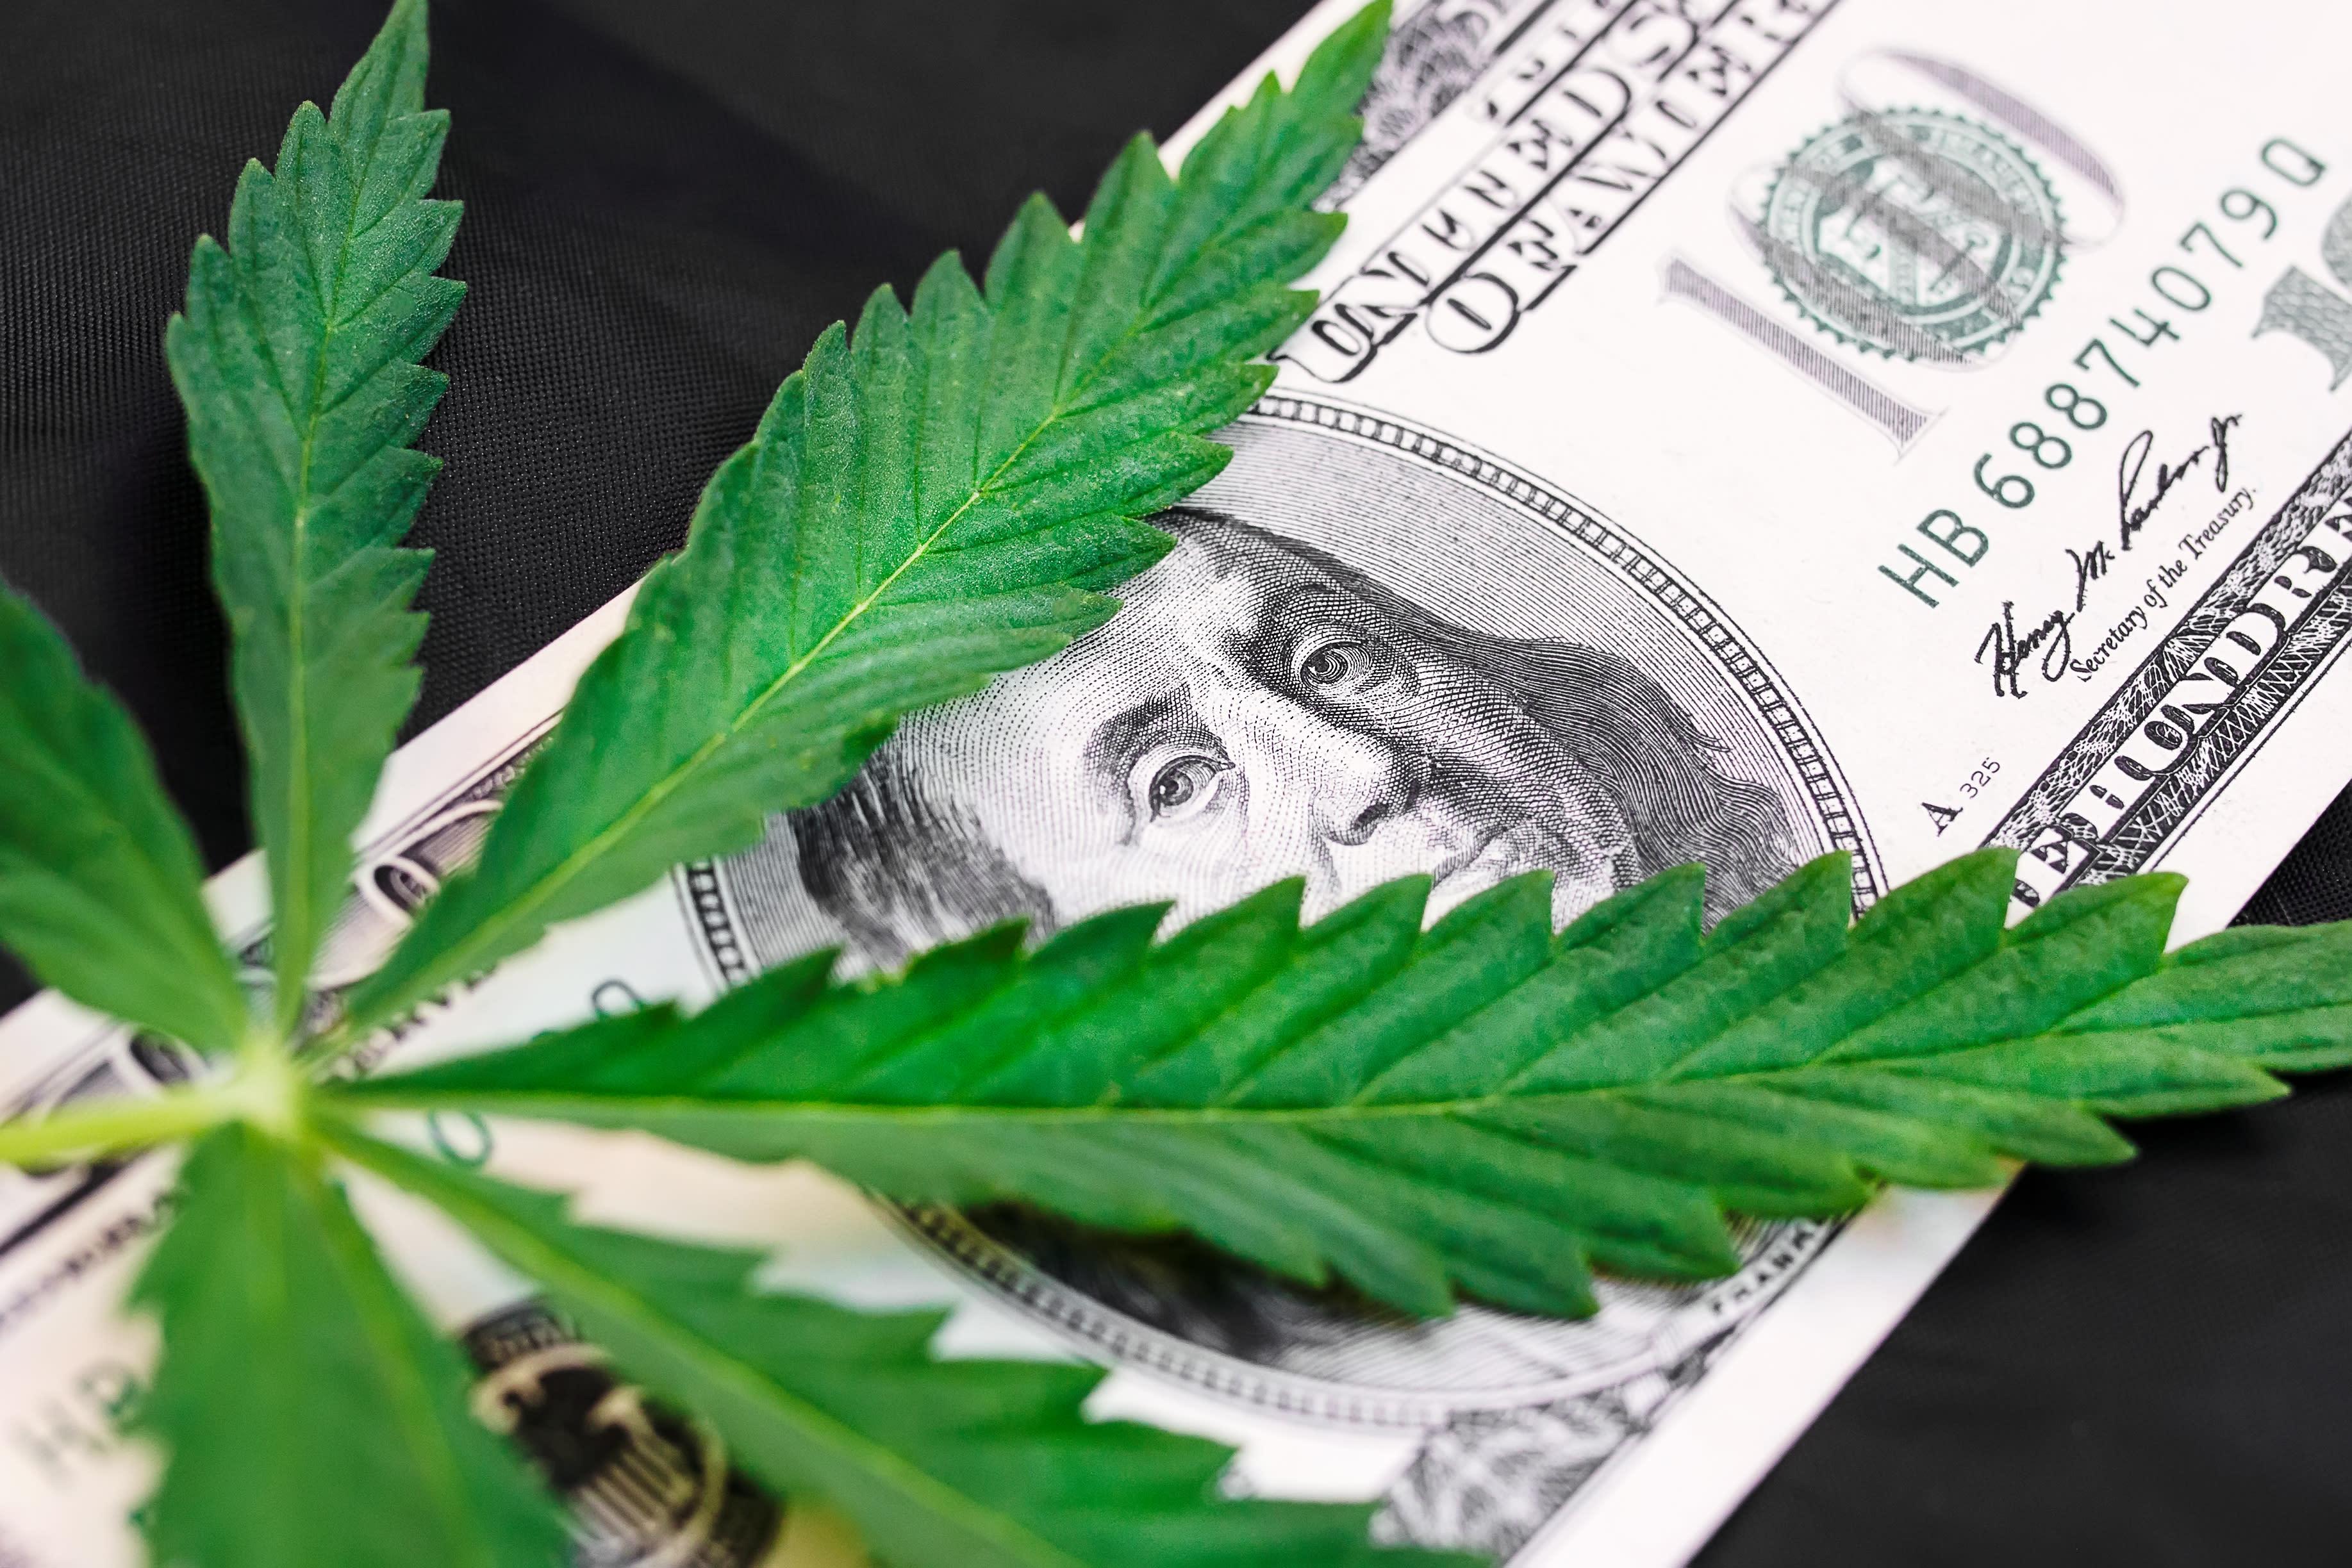 Aurora Cannabis in 5 Charts